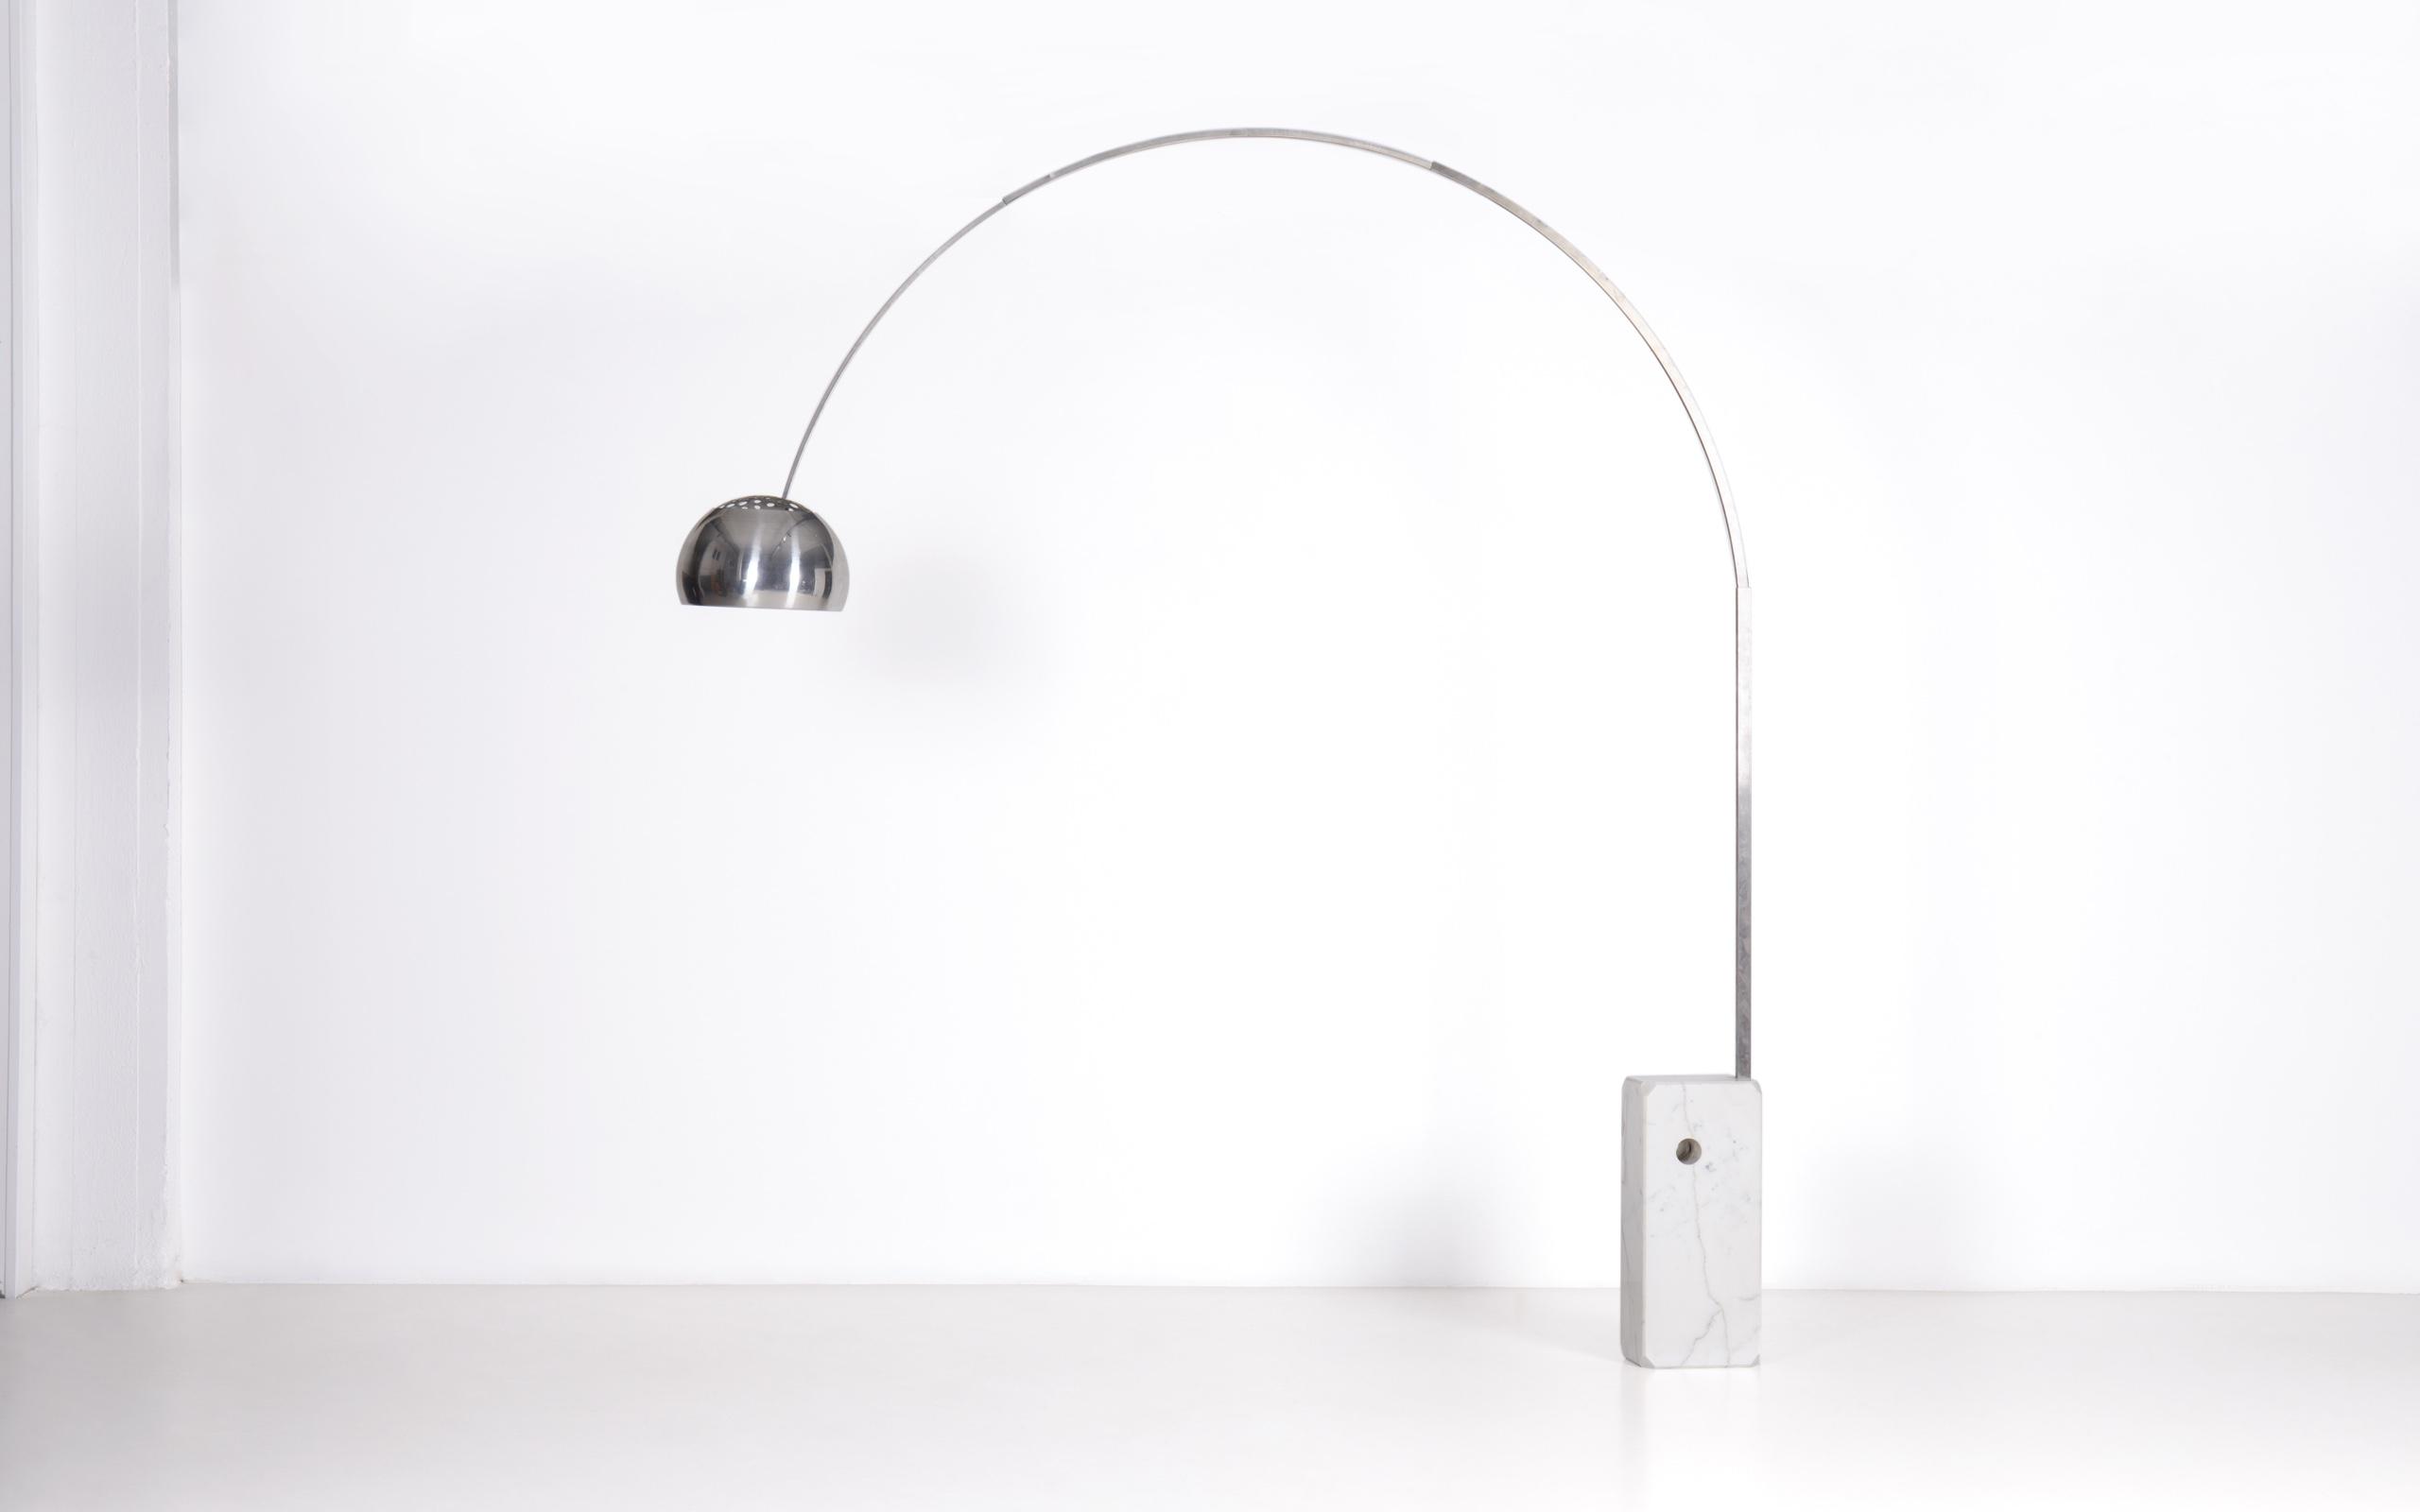 Arco lamp by Achille & Pier Giacomo Castiglioni | Paradisoterrestre